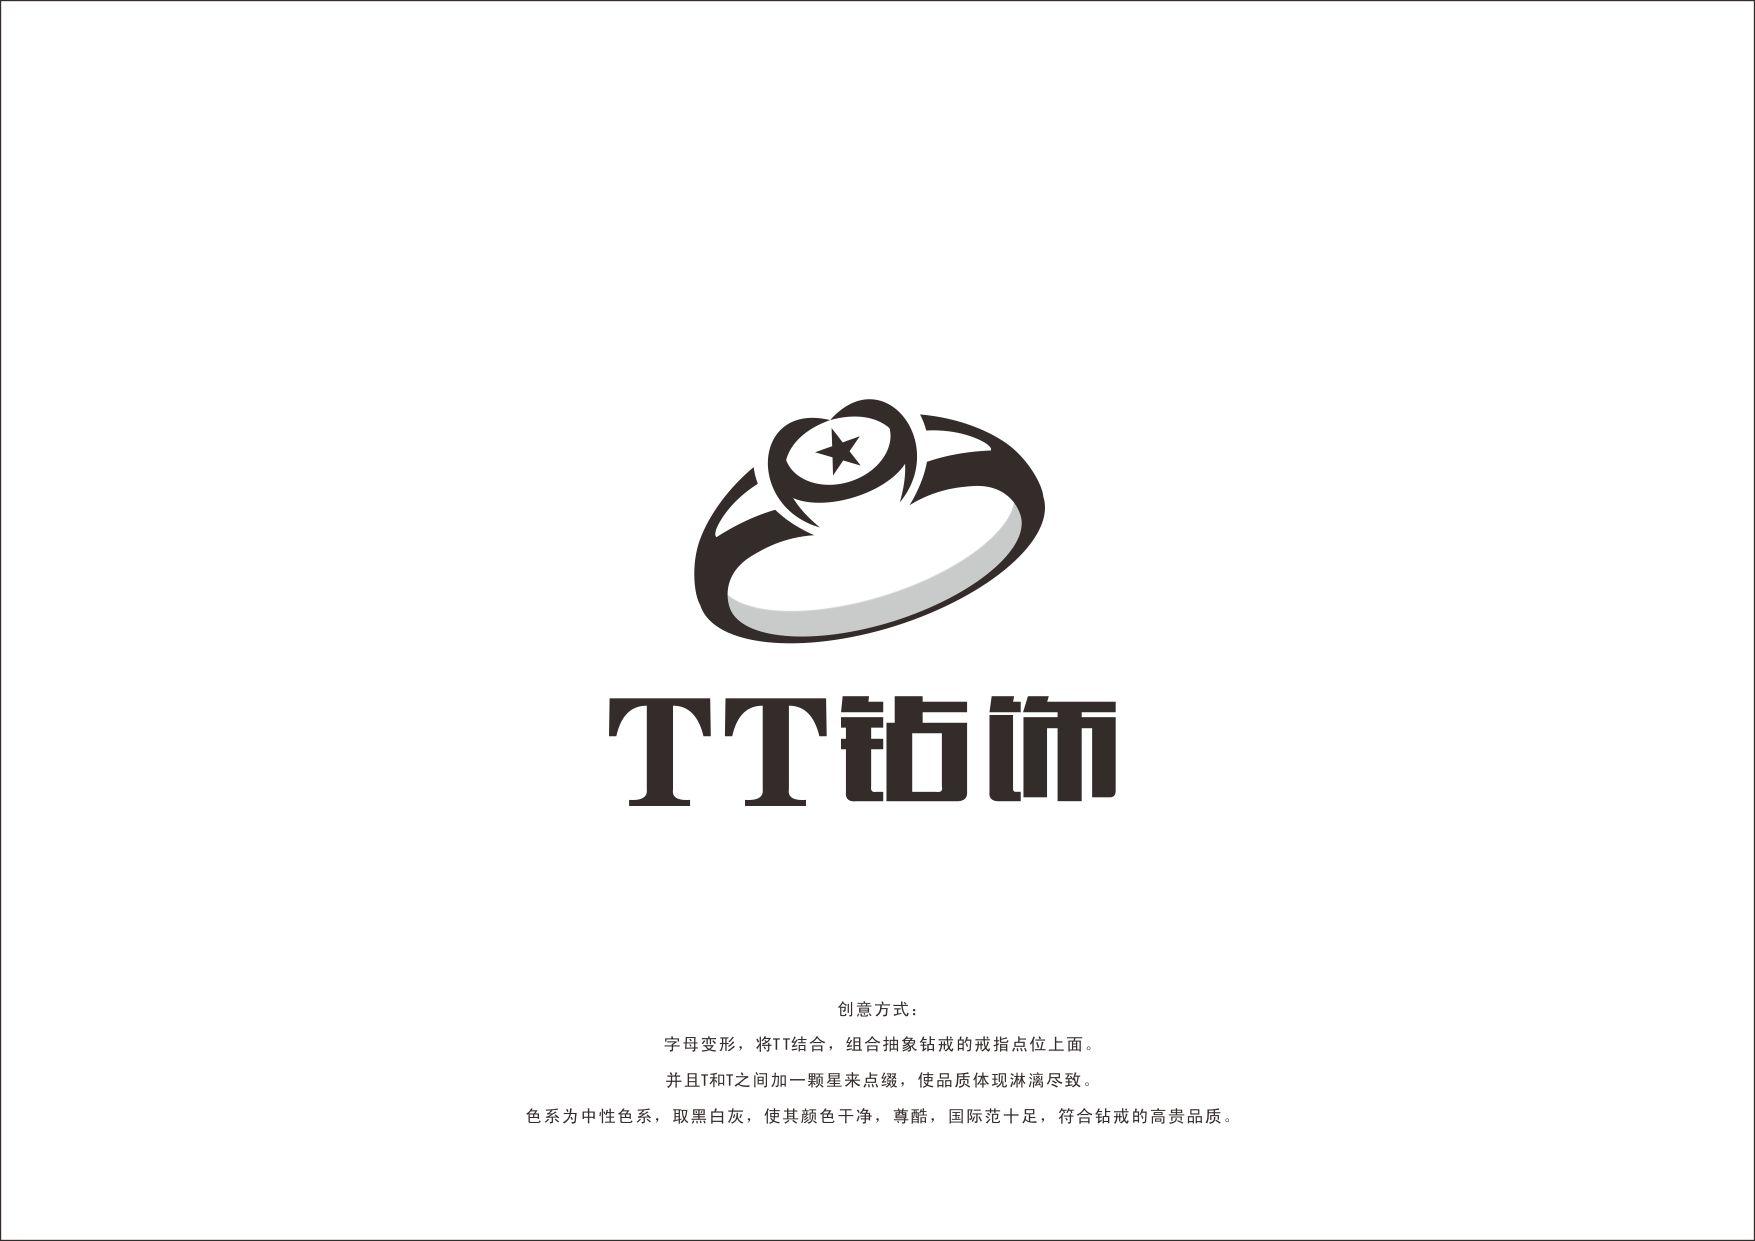 珠宝钻饰公司logo及名片设计